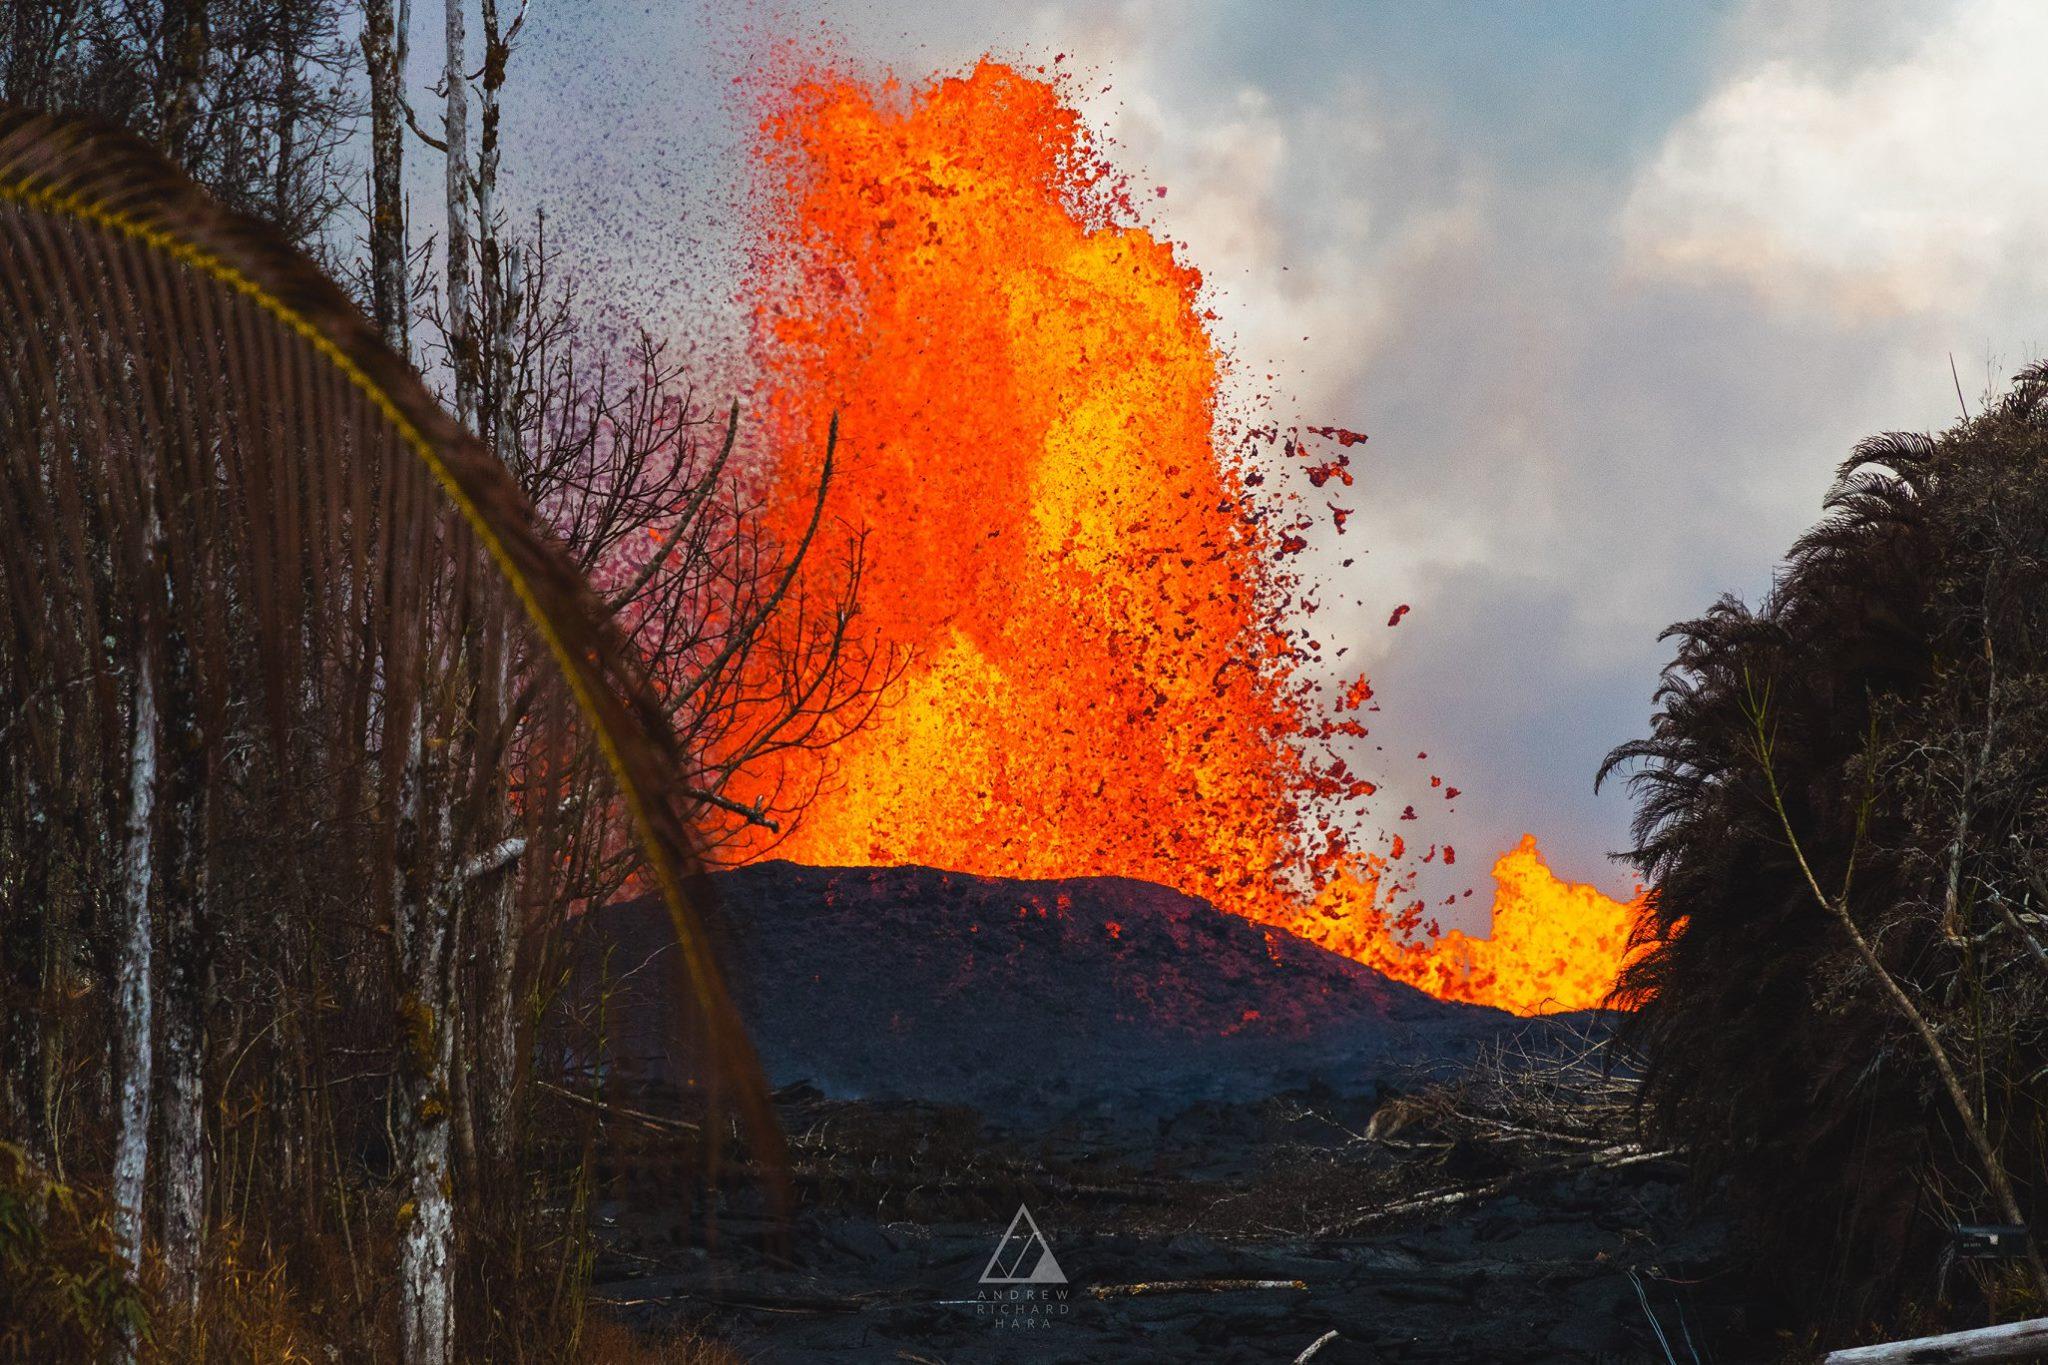 31 Mai 2018. FR . Pu'u 'Ō'ō / Kilauea , White Island (Whakaari) , Pacaya , Cerro Machin , Piton de la Fournaise .